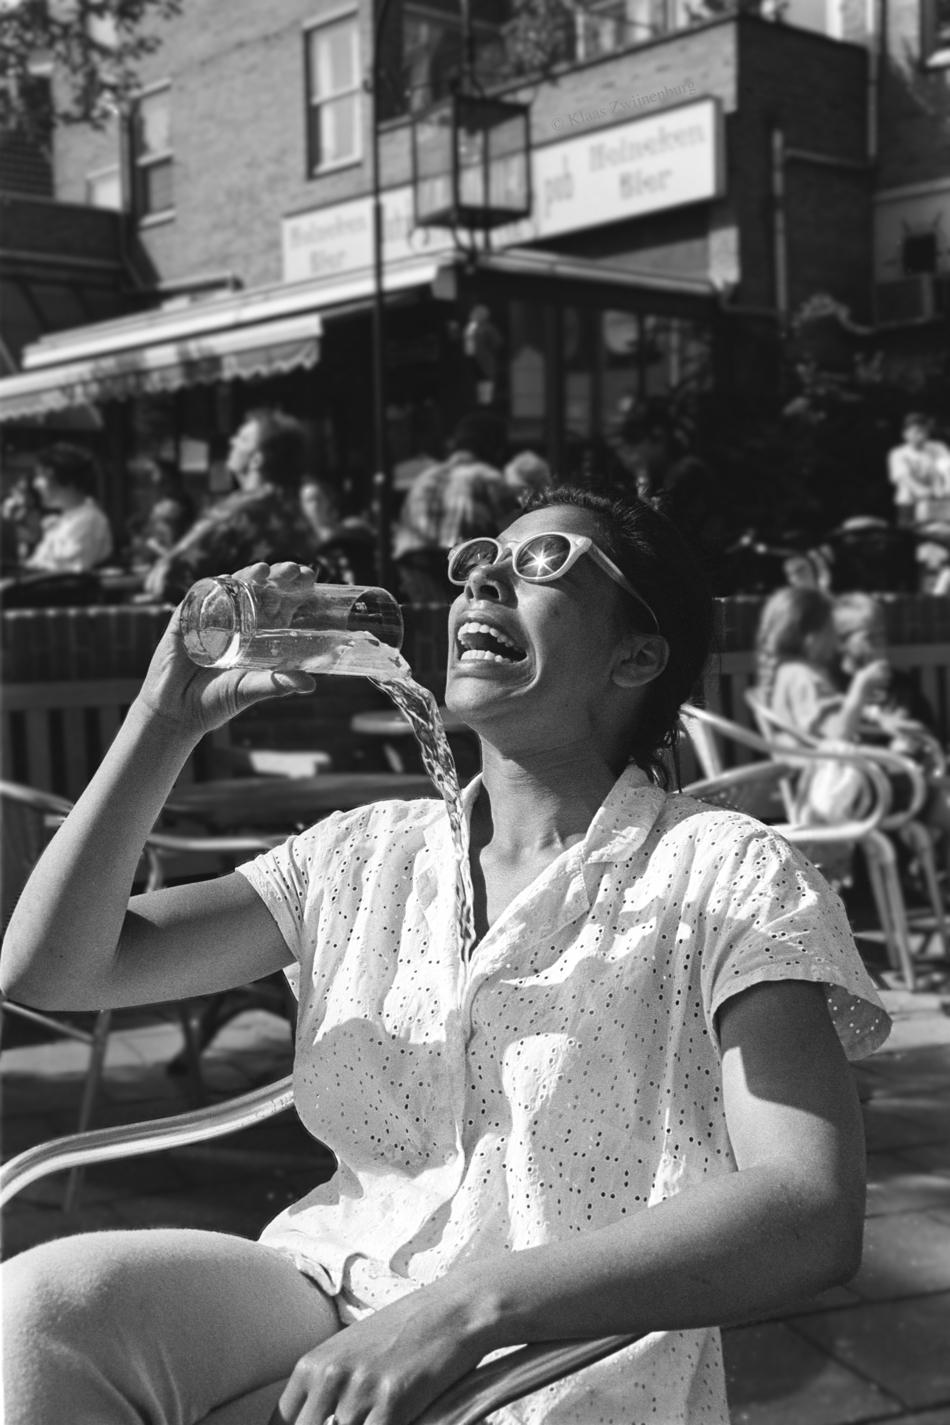 Badly aimed beverage - portrait - klaasphoto   ello